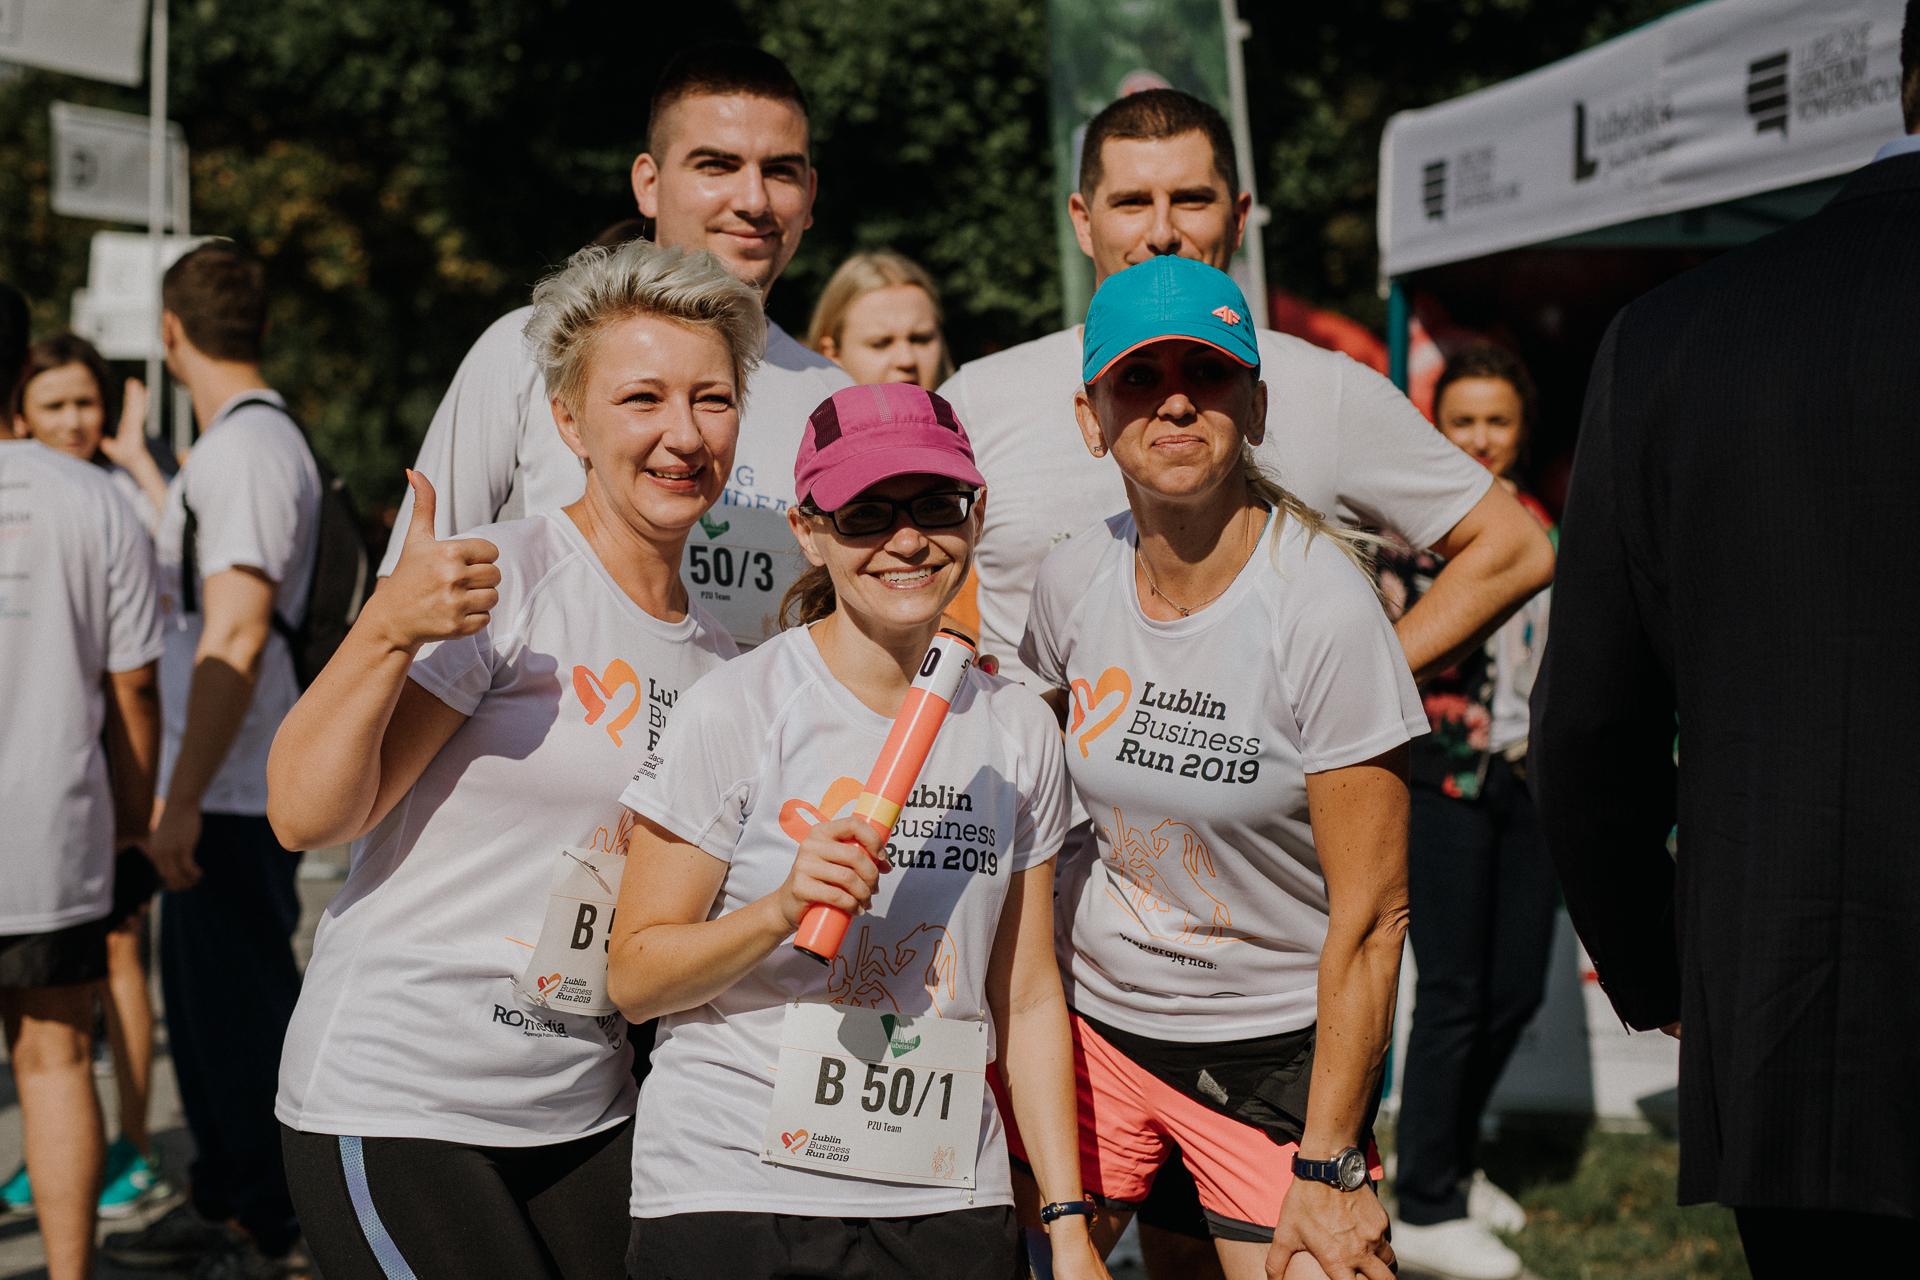 Województwo lubelskie: W weekend Poland Business Run. Pobiegną, żeby pomóc niepełnosprawnym - Zdjęcie główne